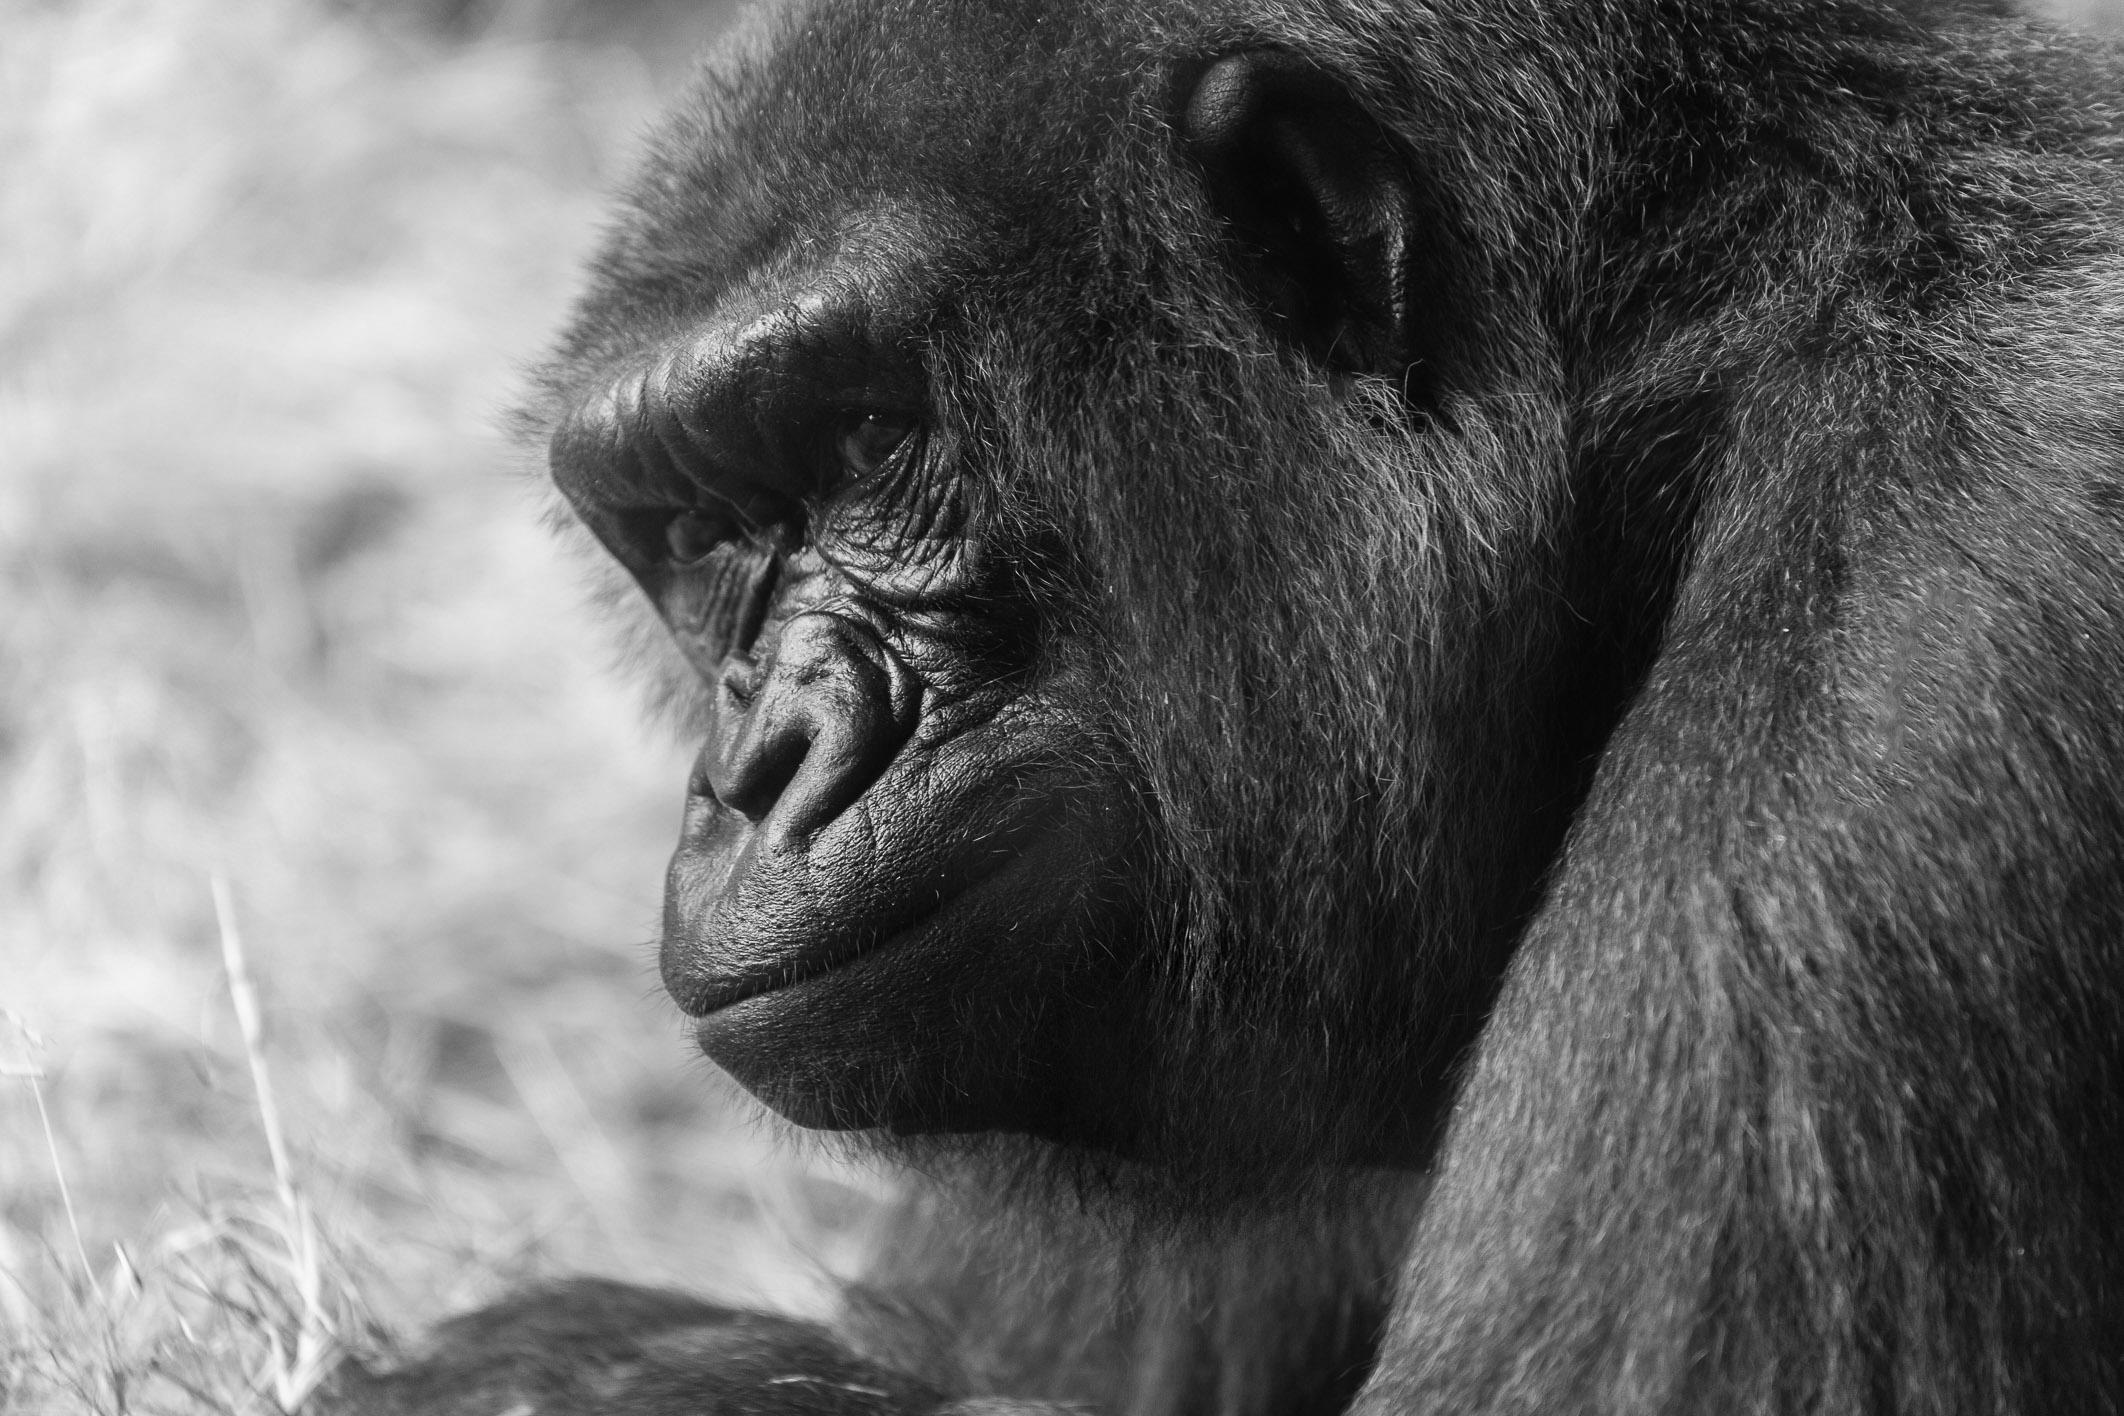 Gorilla, Disney Animal Kingdom, Florida